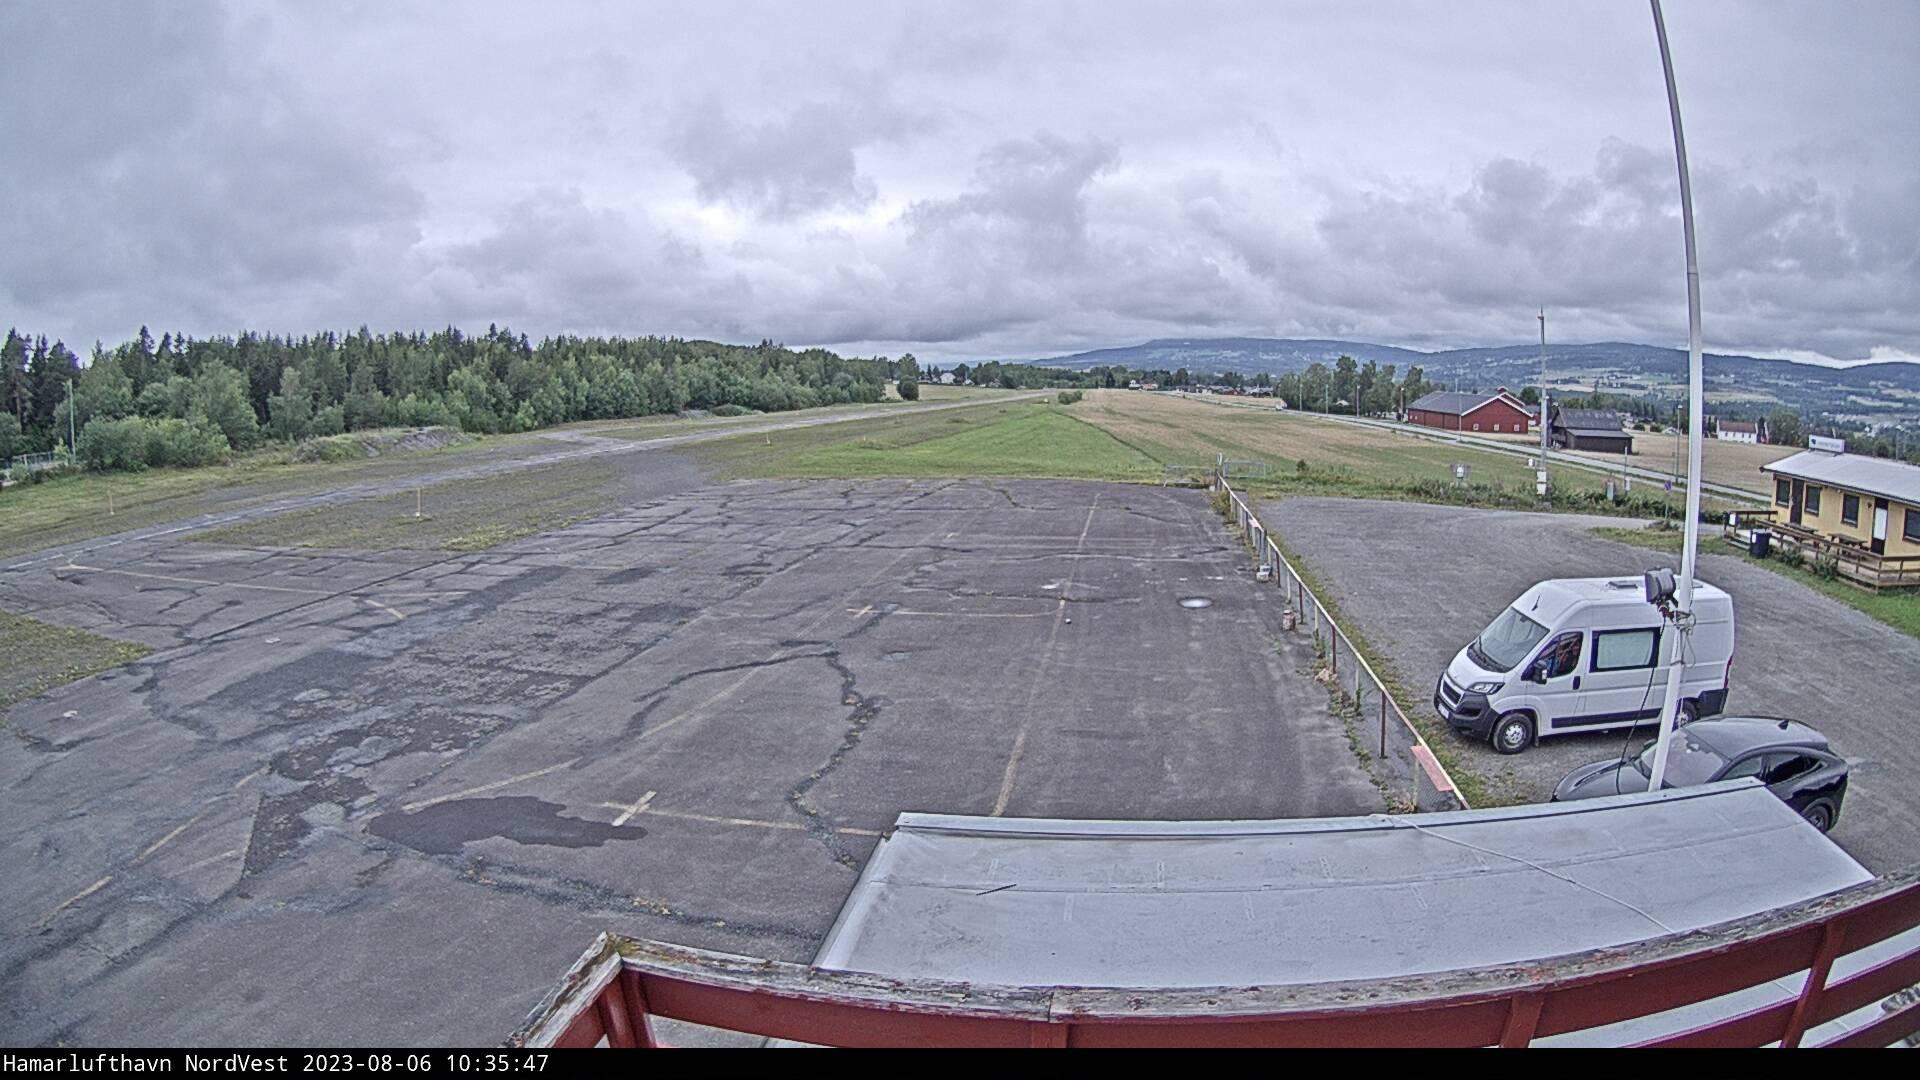 Hamar - Hamar vliegveld; richting noordwest